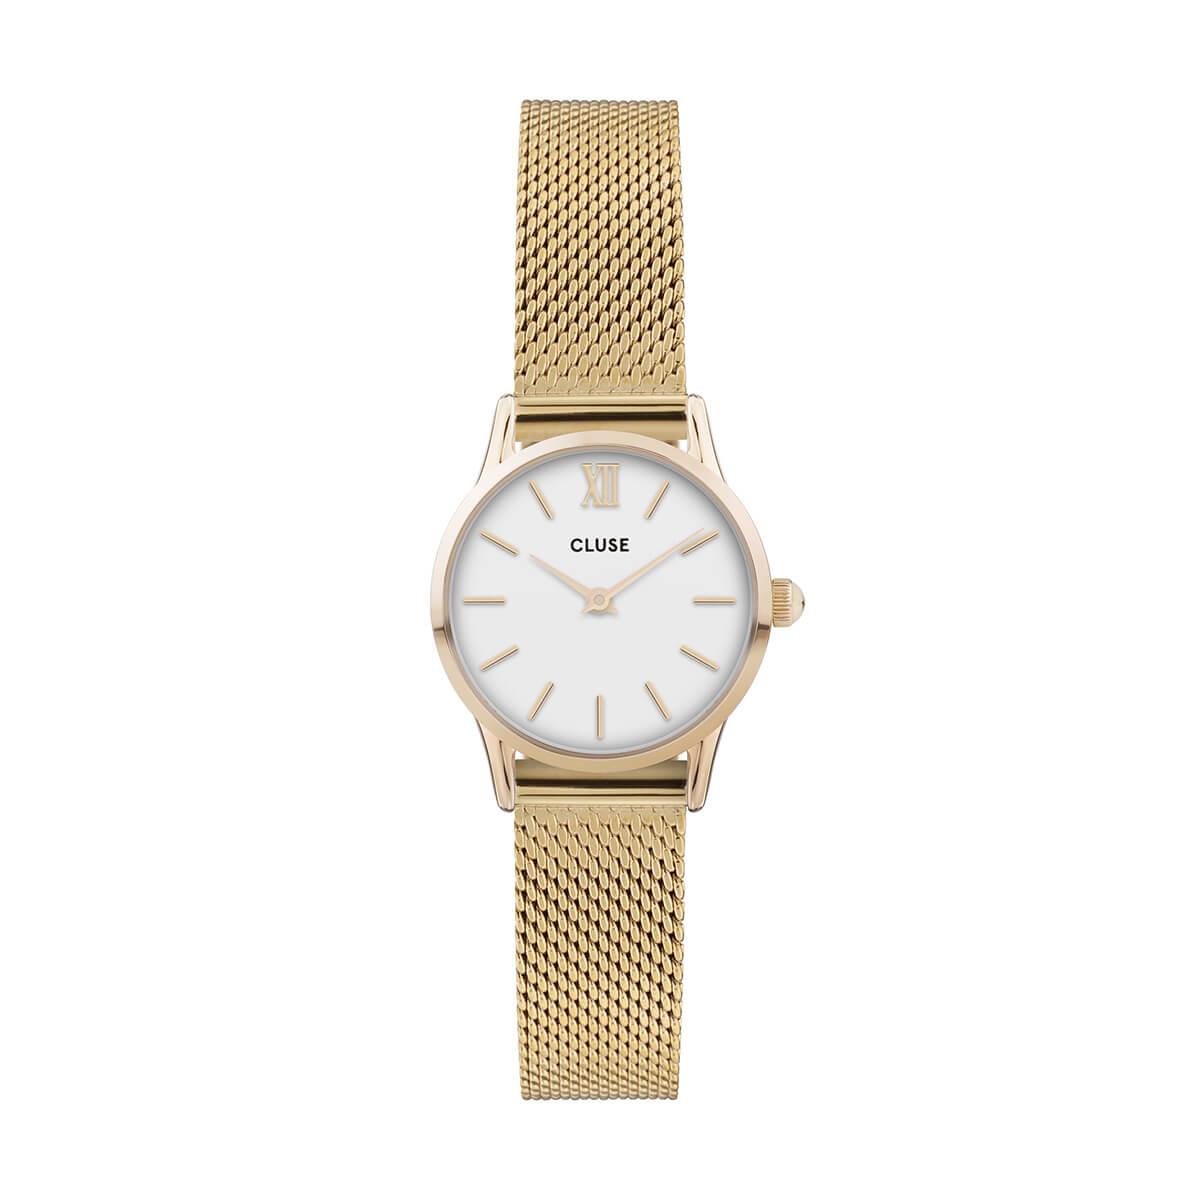 朝比奈彩 着用 24mm - CW0101206001 ラ・ヴェデット メッシュ ゴールド ホワイト ゴールド CLUSE クルース 腕時計